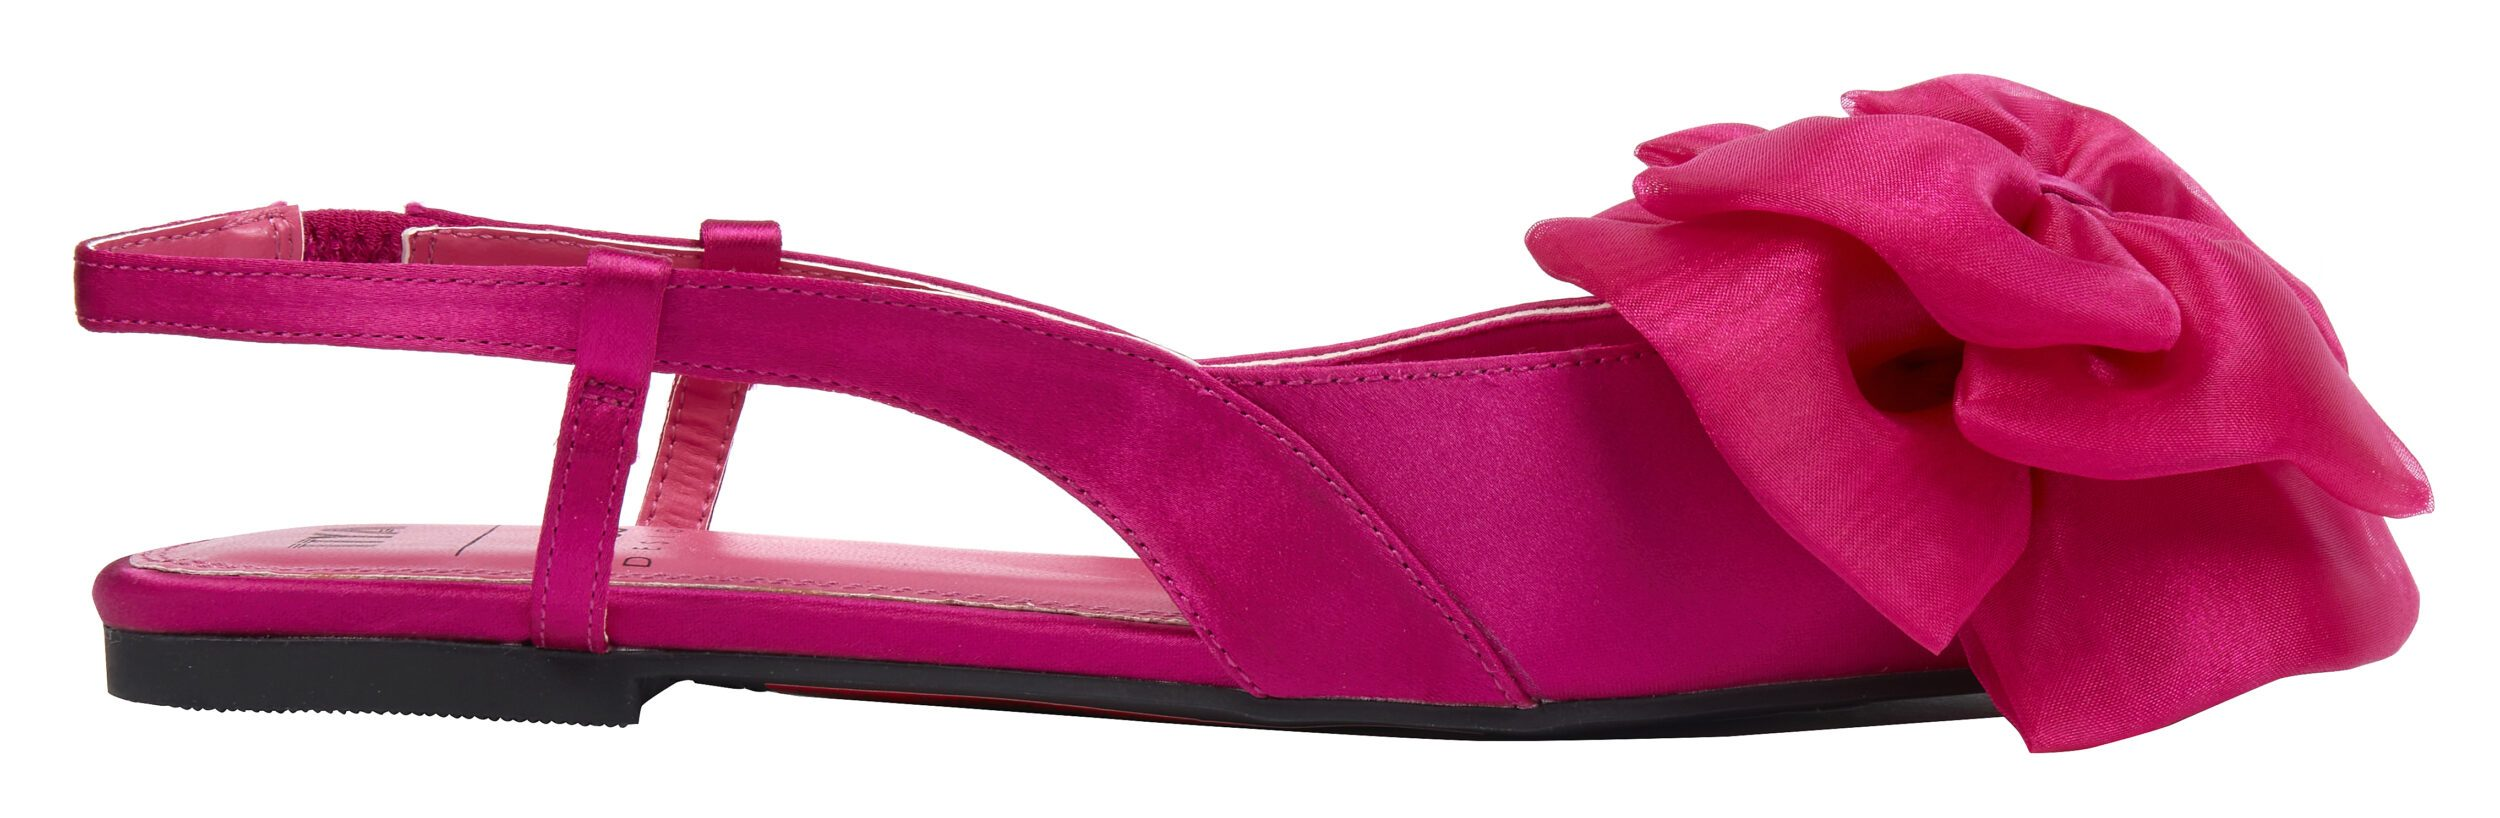 Galériennes aux grands pieds, réjouissez-vous : Asos sort des talons allant du 37 au 46